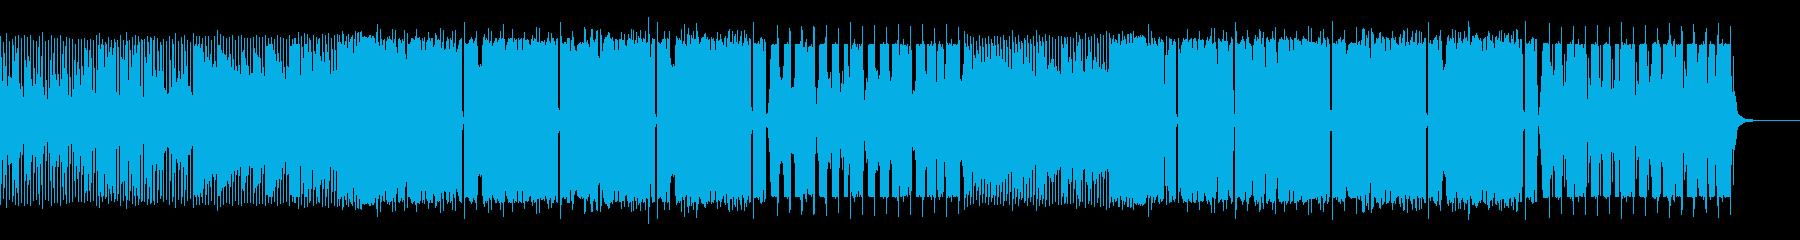 壮大なシンセサイザーのEDMの再生済みの波形